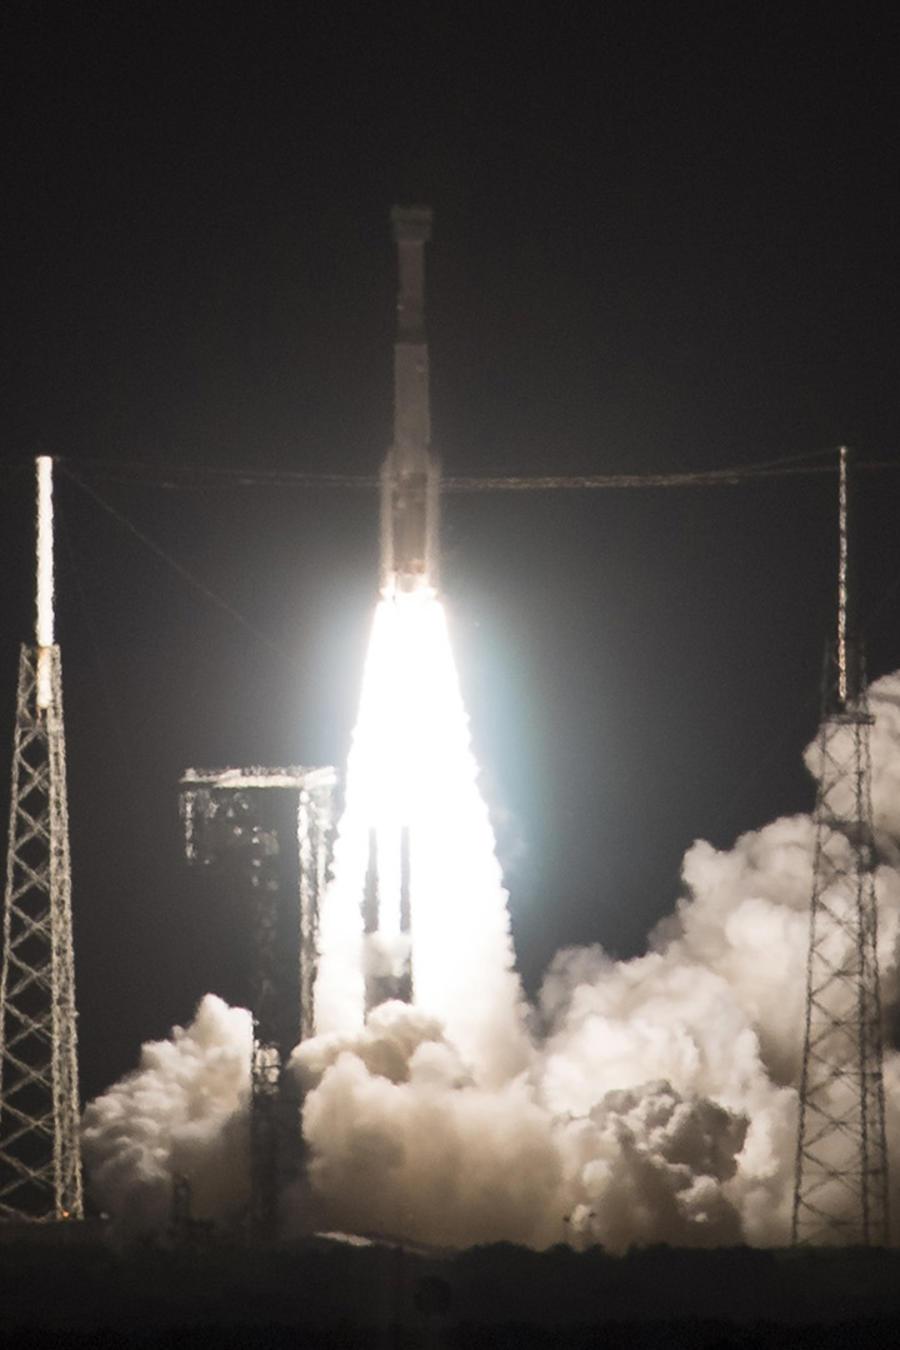 El despegue del cohete Atlas V en el que viajó al espacio la cápsula Starliner.